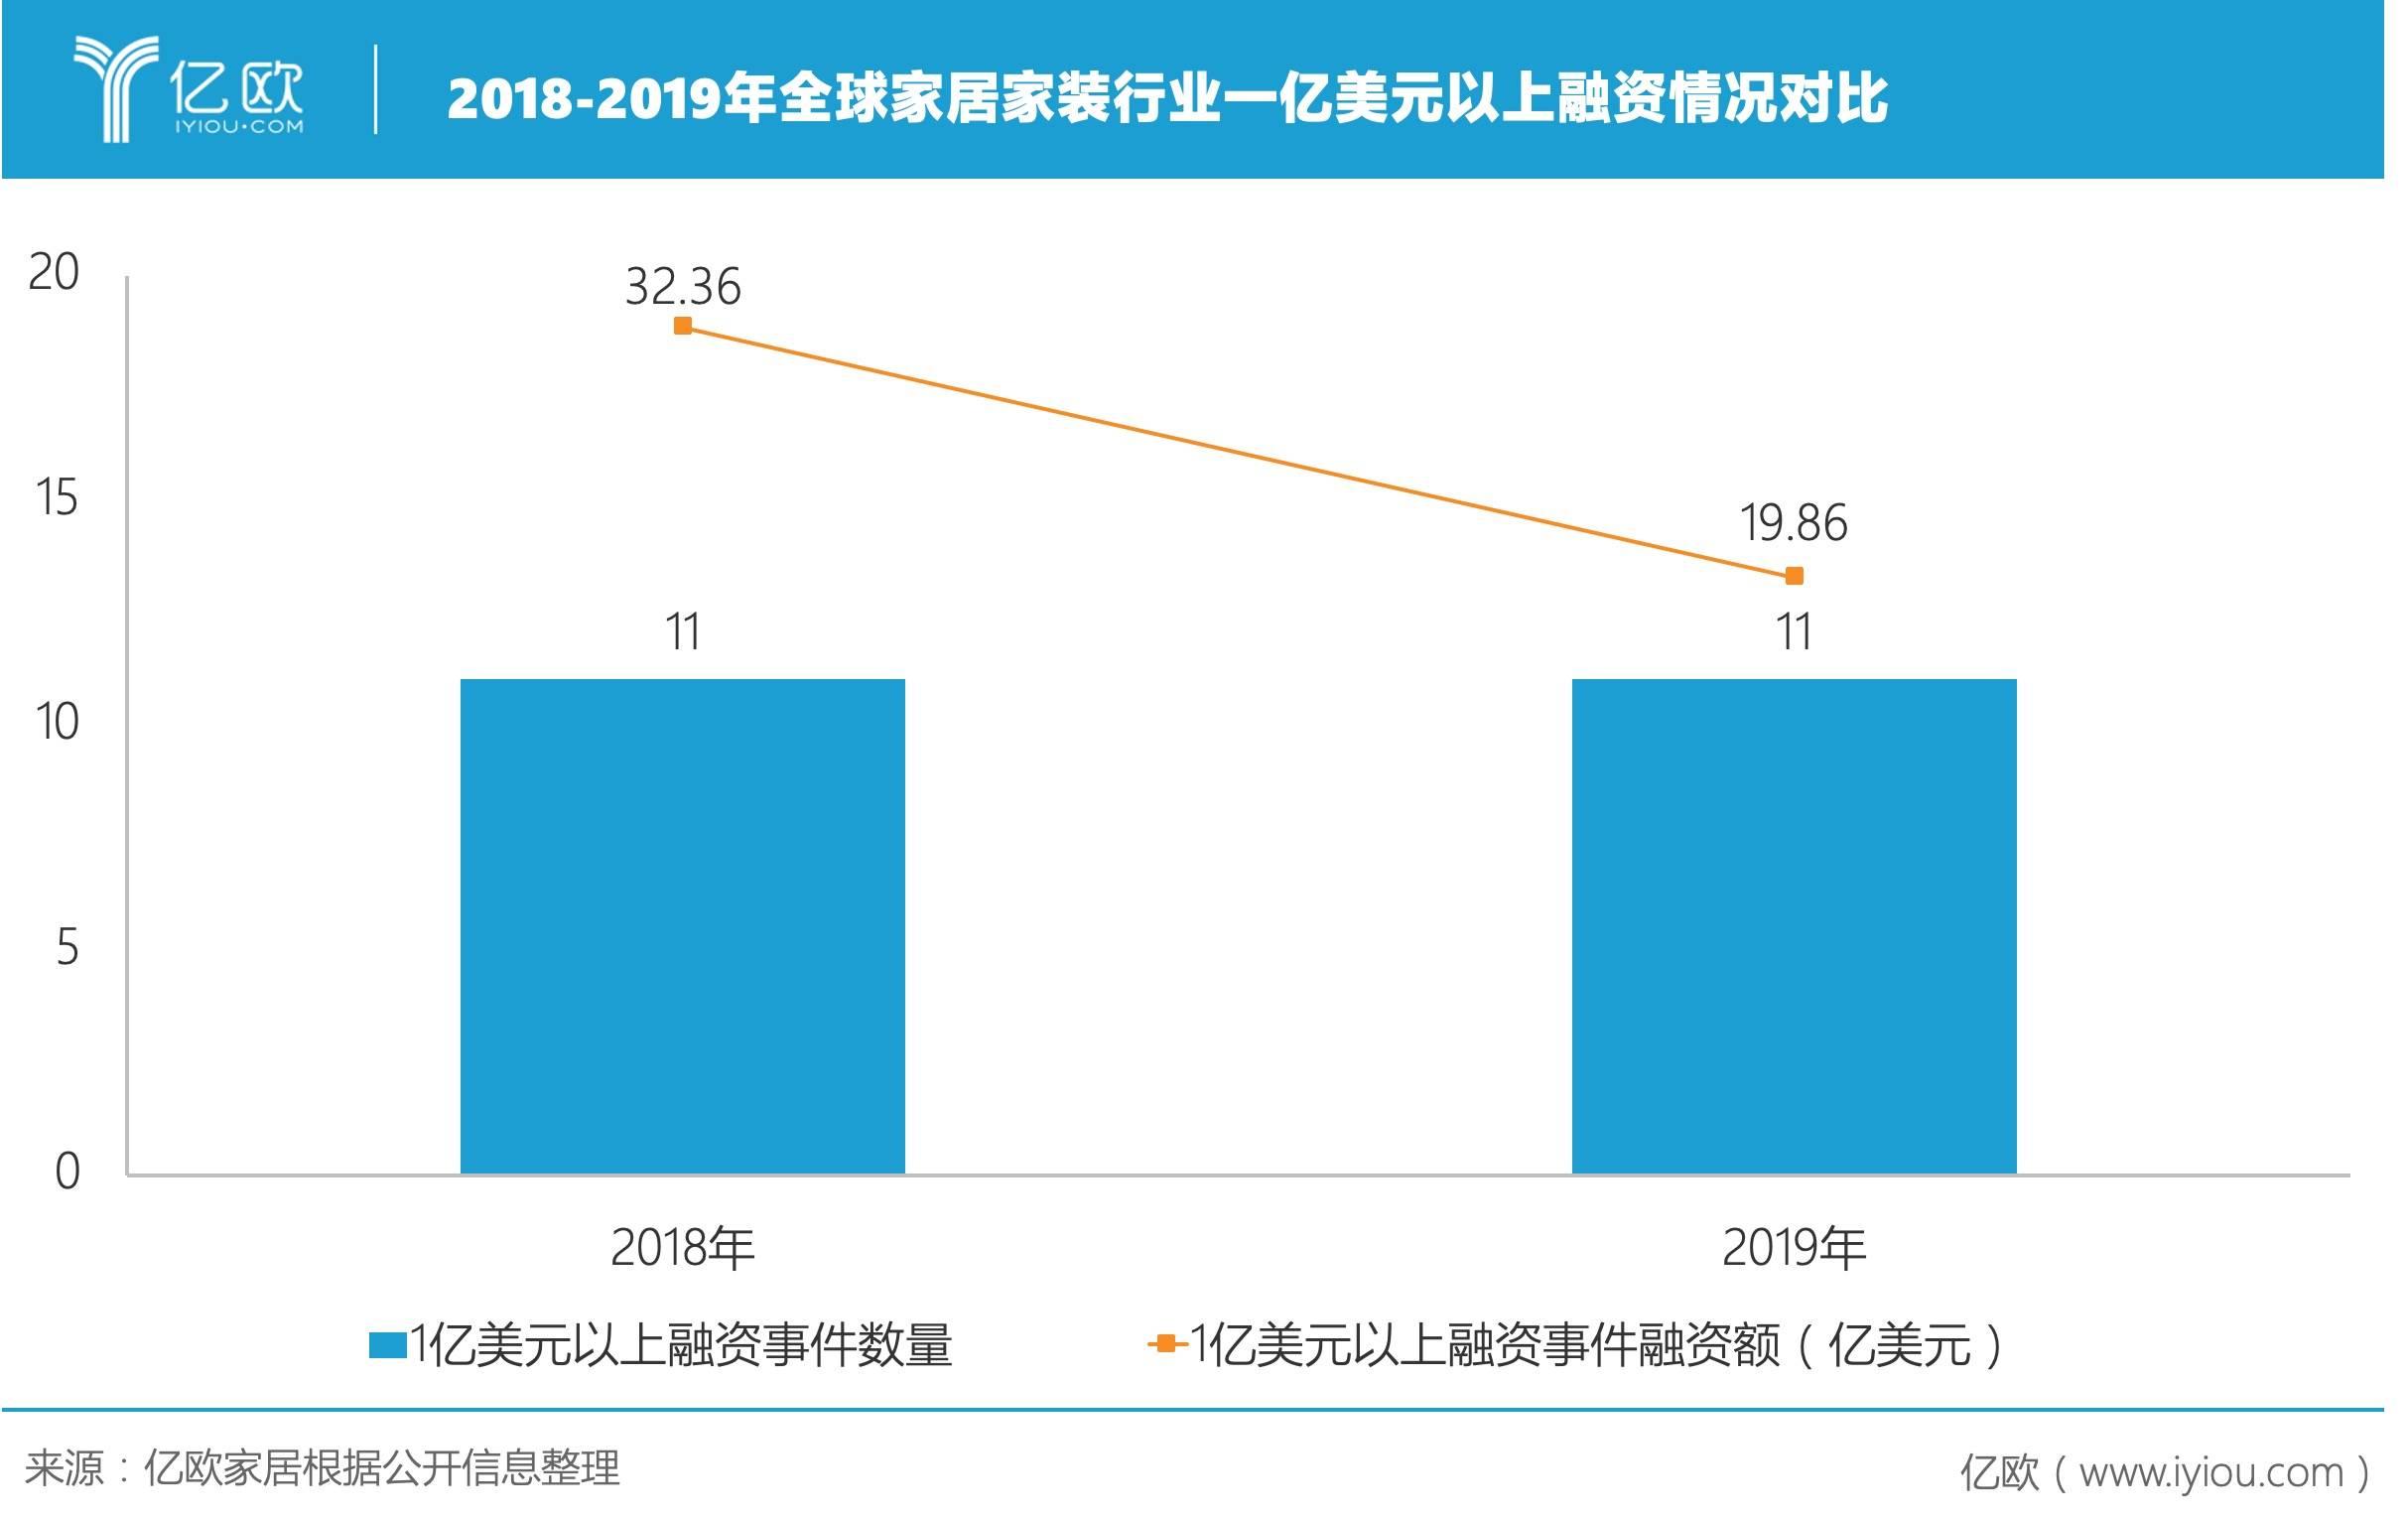 2018-2019年全球家居家装行业1亿美元以上融资情况对比